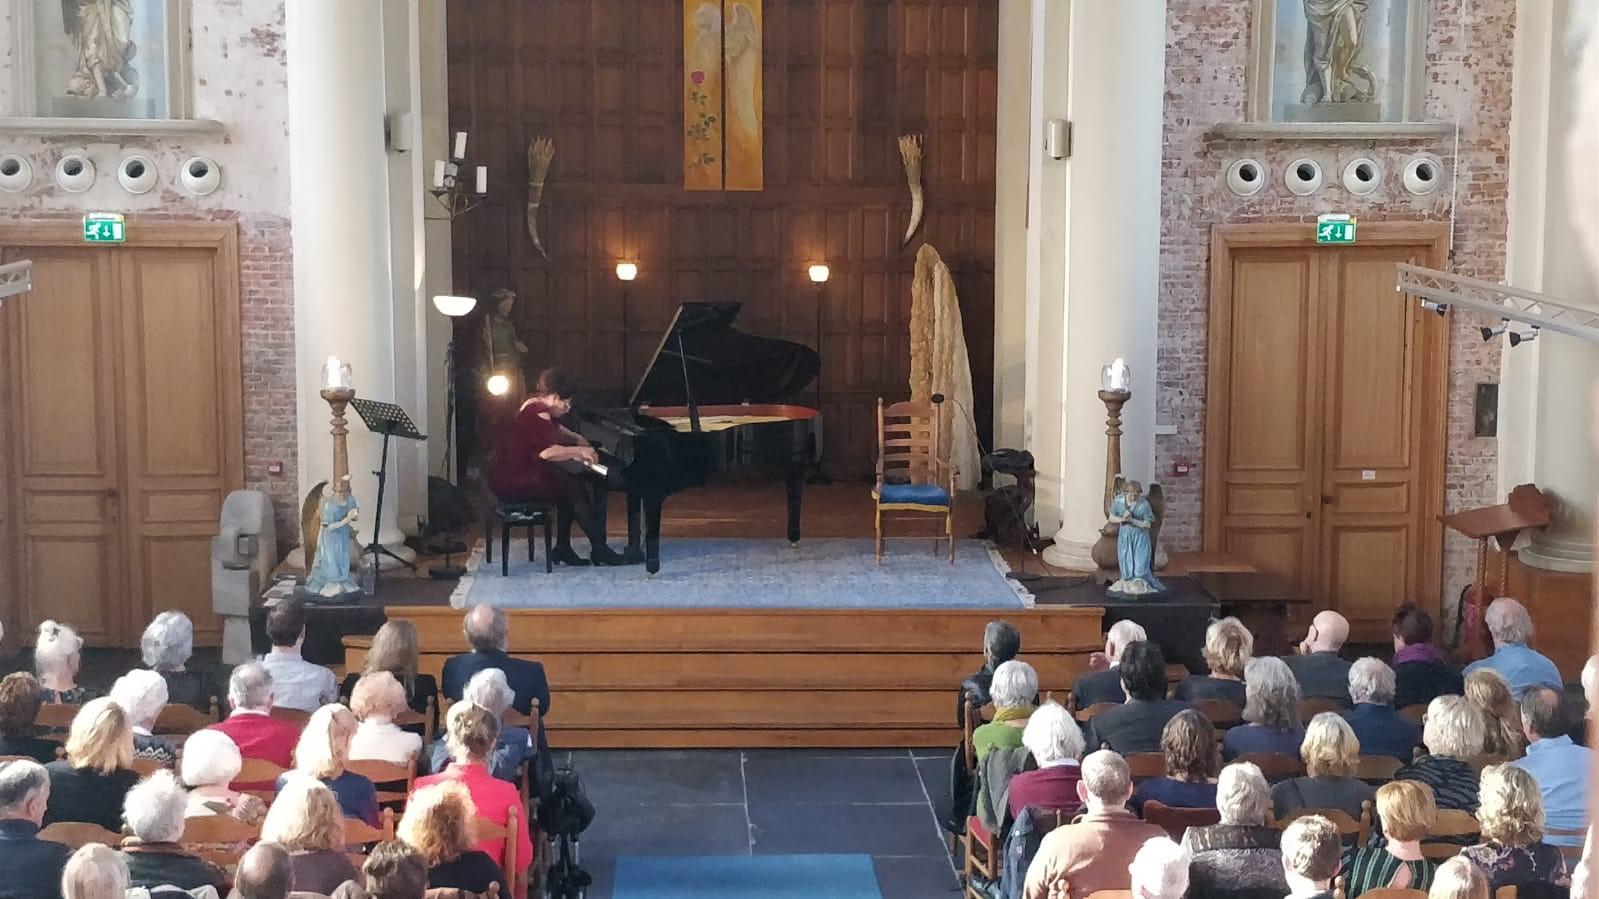 Concert Hodenpijl